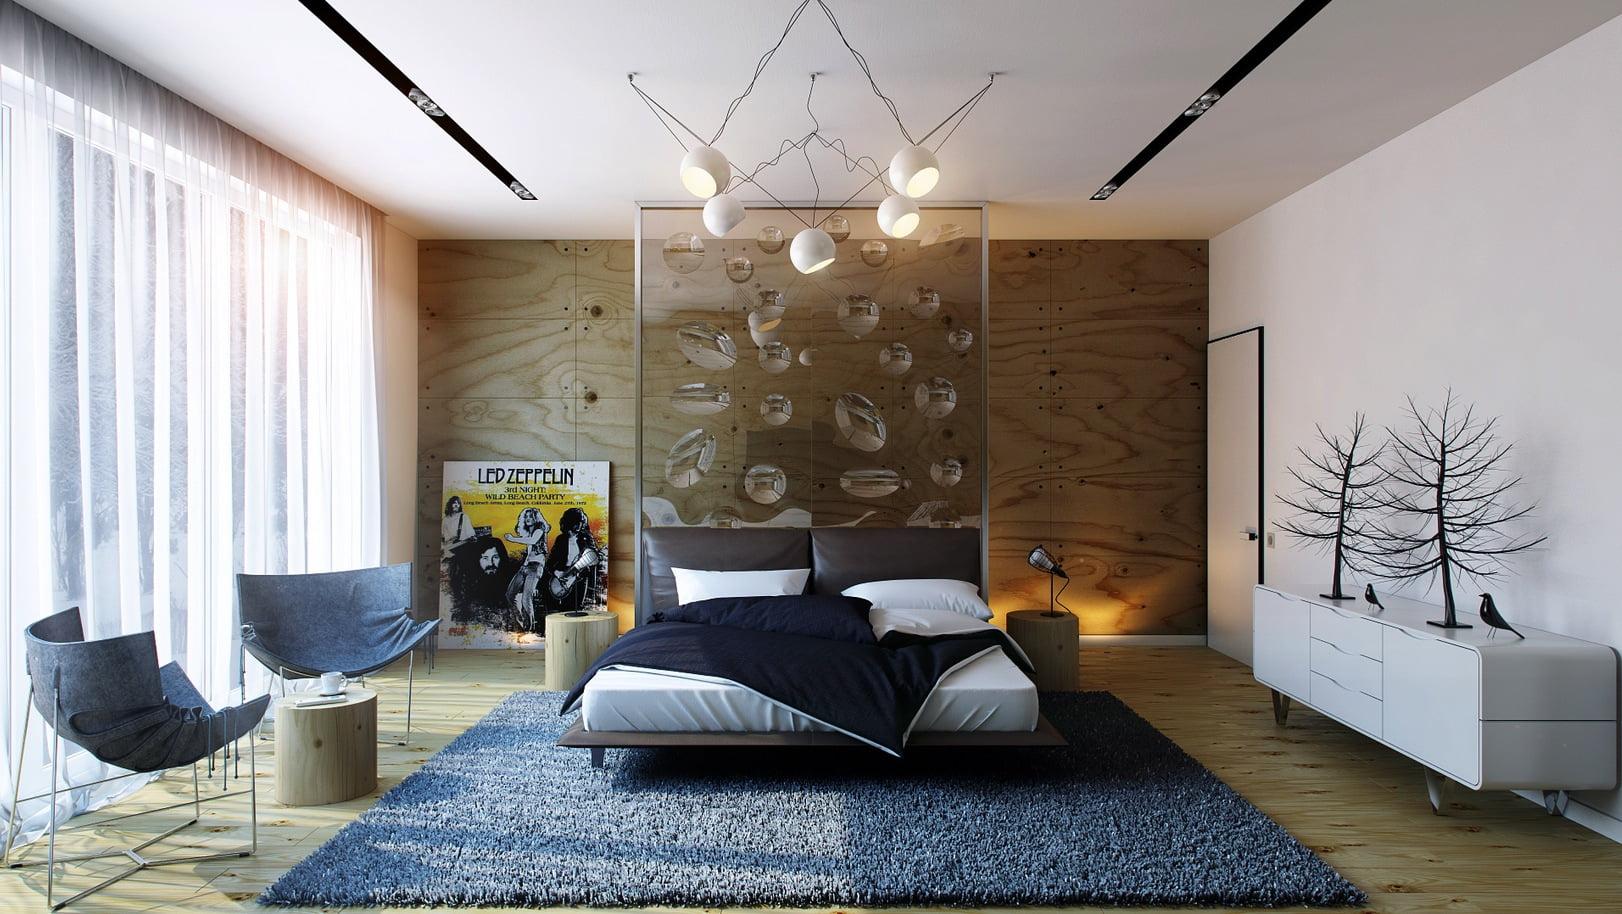 En esta habitación se agregaron varias piezas decorativas para conformar un conjunto armonioso, no pudo faltar un póster de gráficos clásicos colocado al nivel del suelo (Pavel Vetrov)